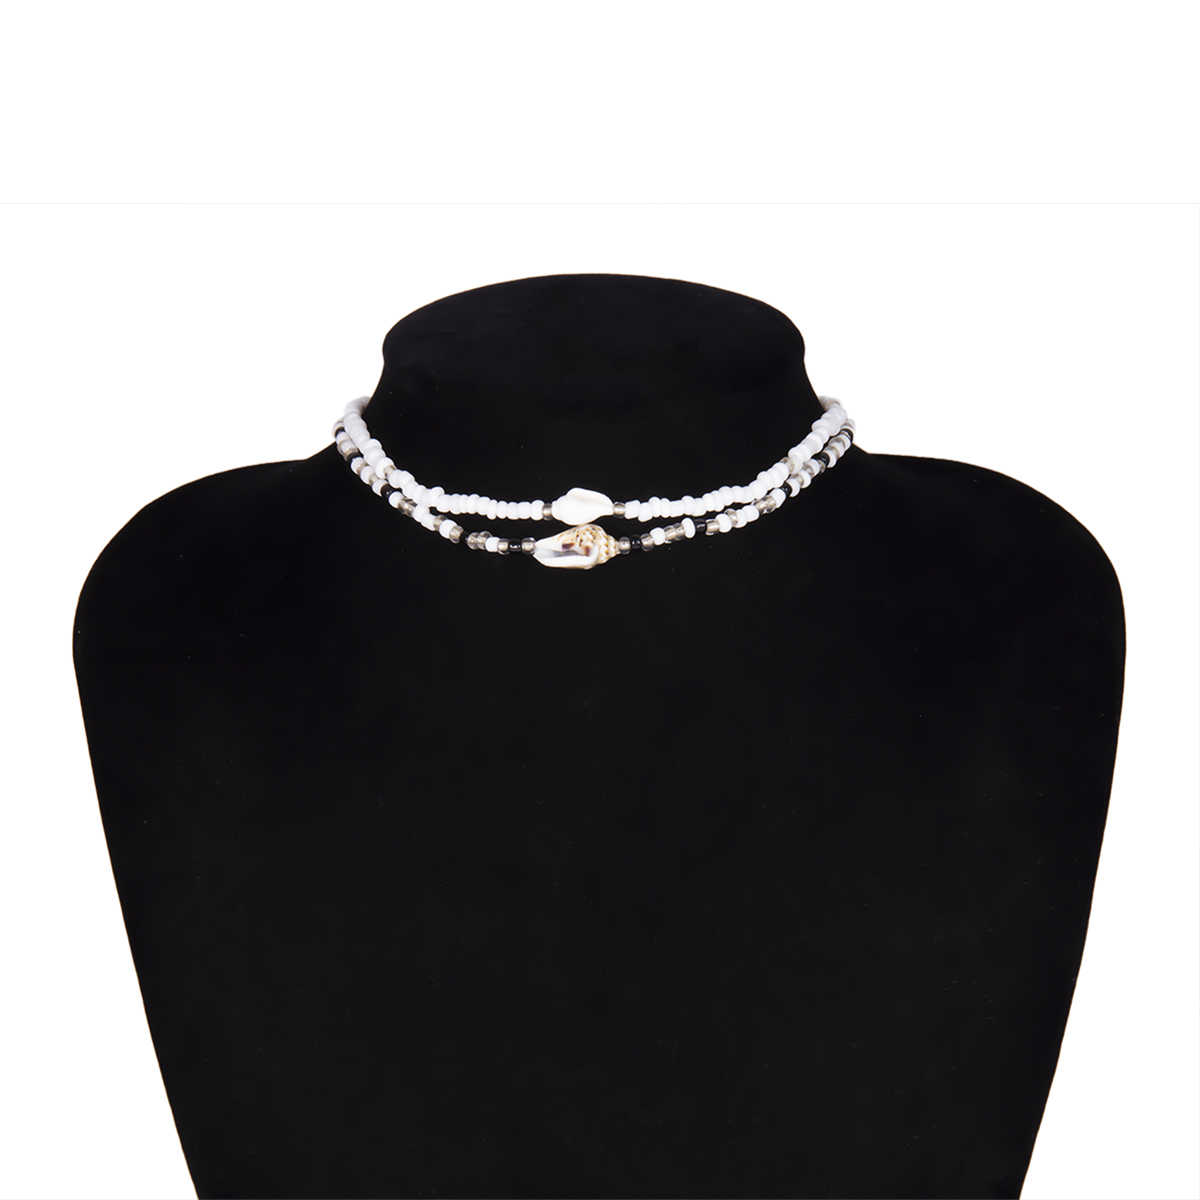 Shixin separável 2 em camadas branco/preto grânulos colares coreano pequeno frisado concha gargantilha colar para colar de moda feminina